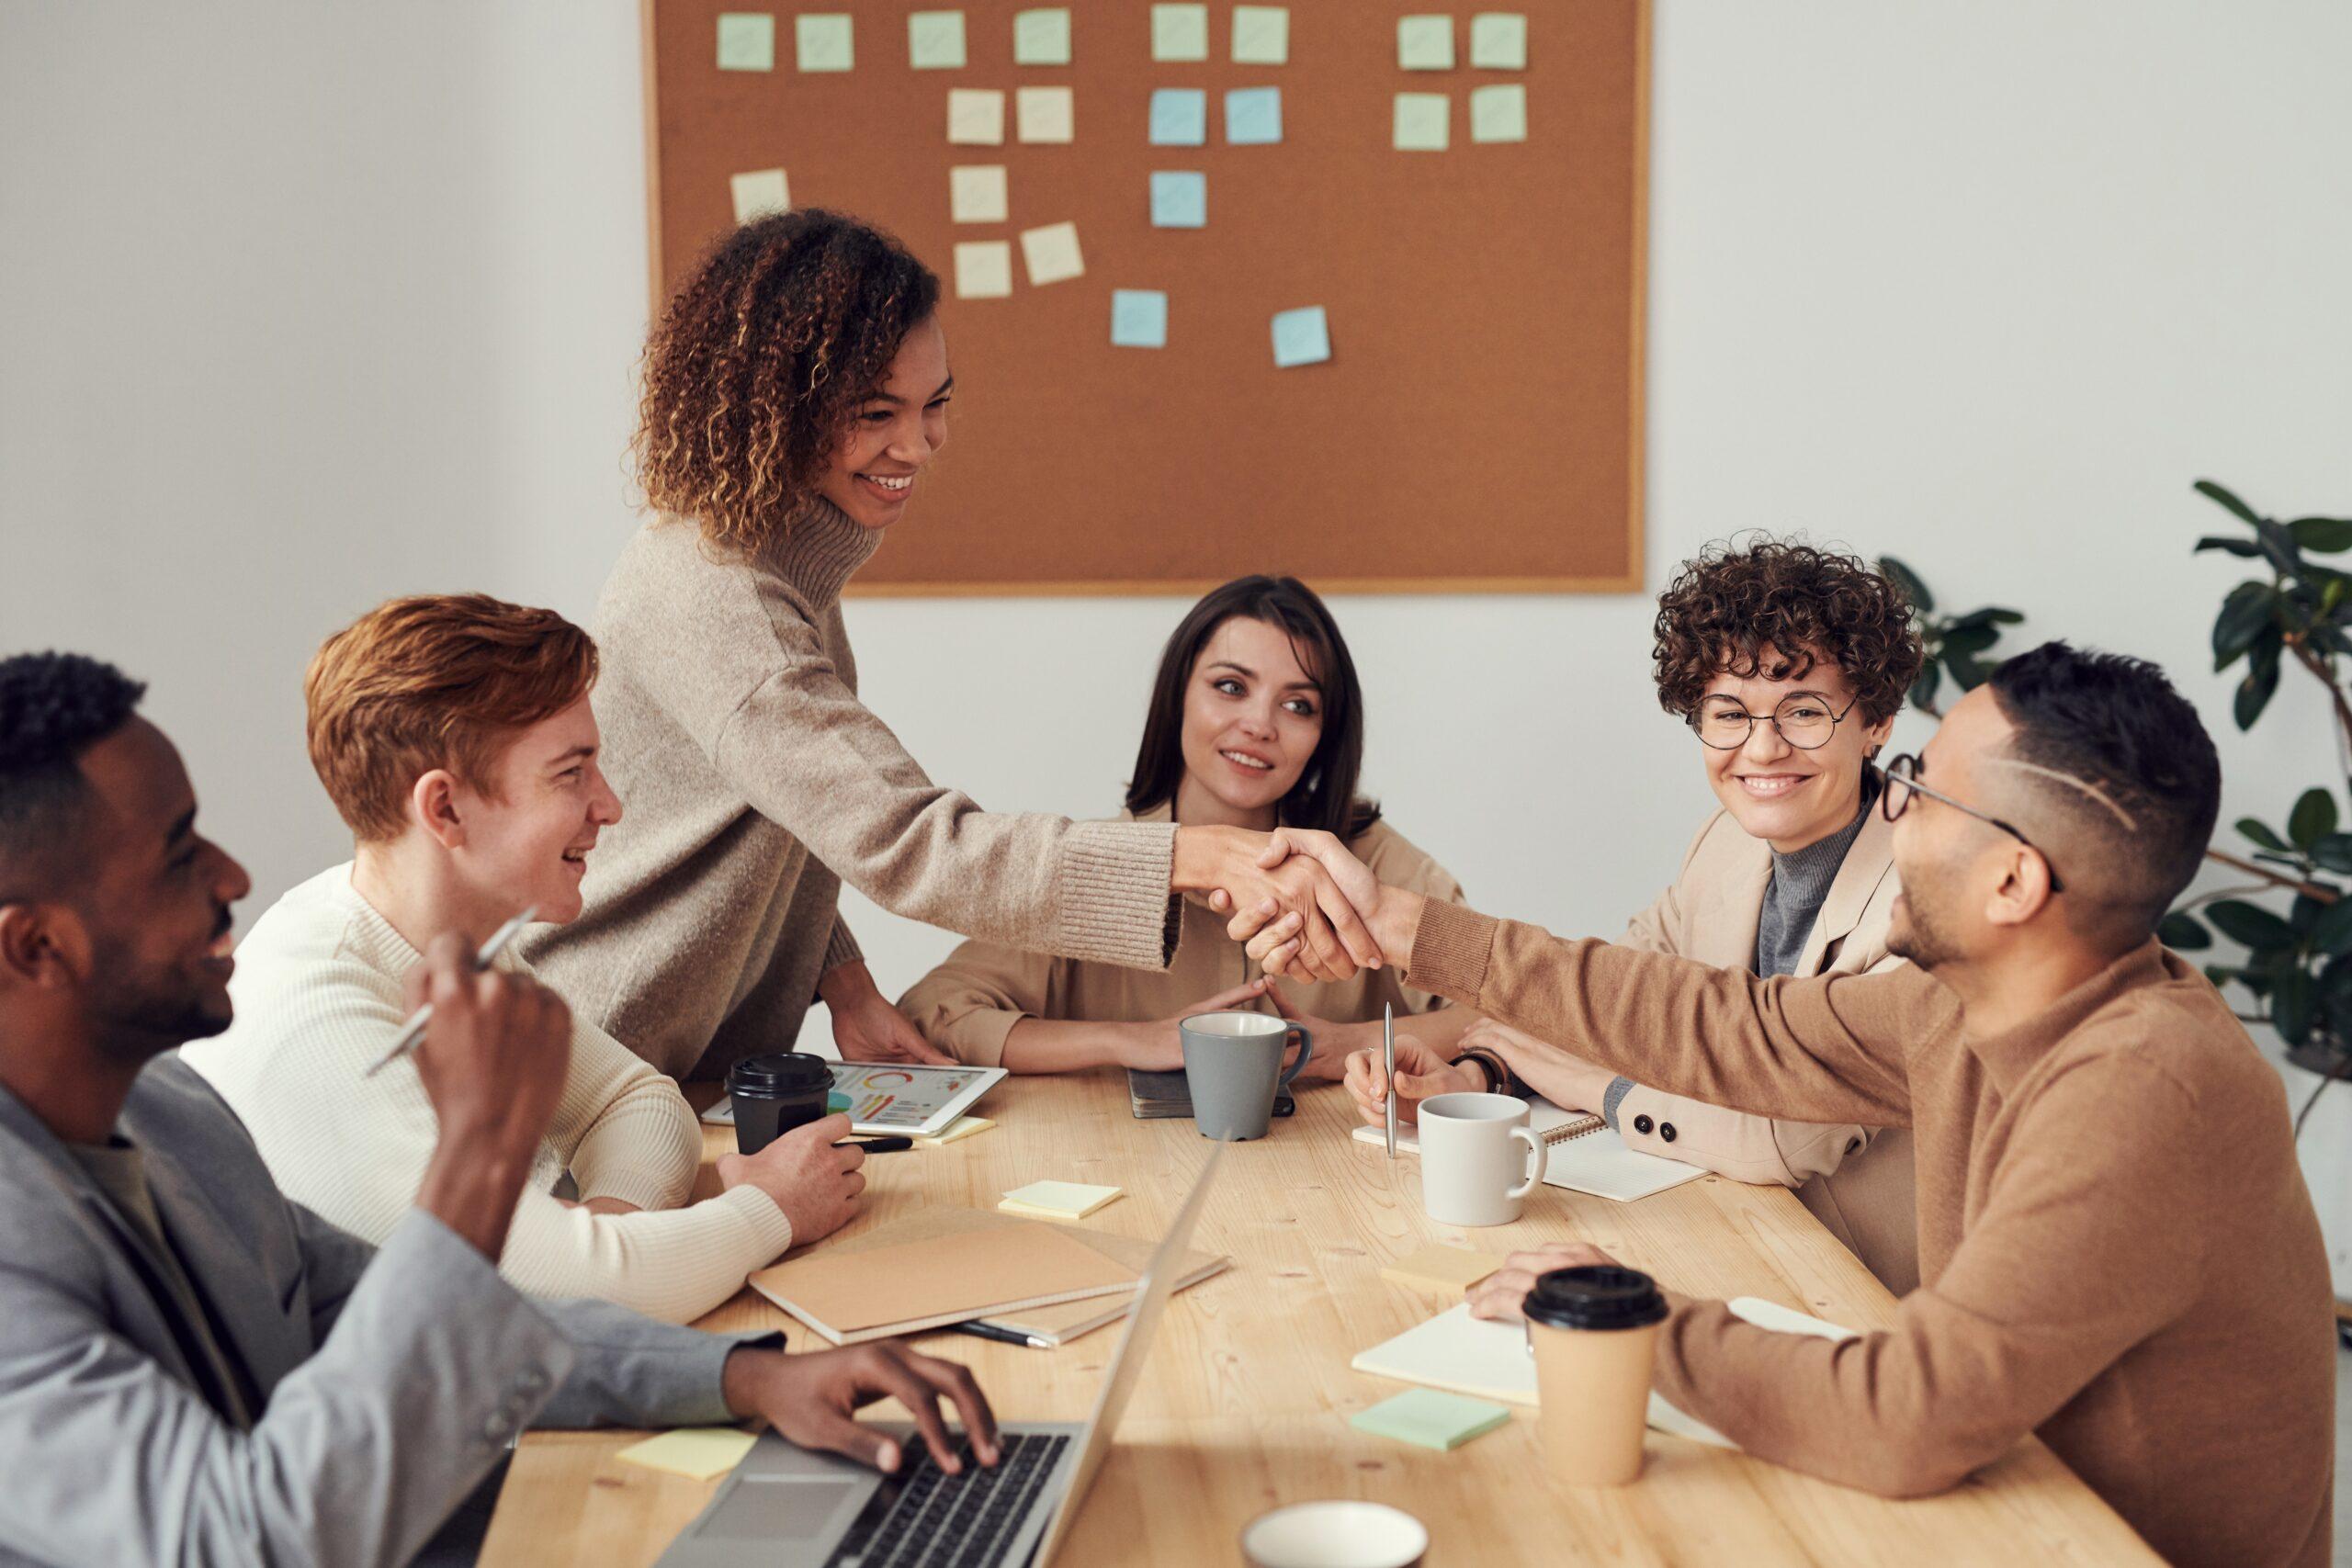 Lianeo Real Estate – Erfolgreich im Diversity Management / Lianeo Real Estate – Successfull in Diversity Management